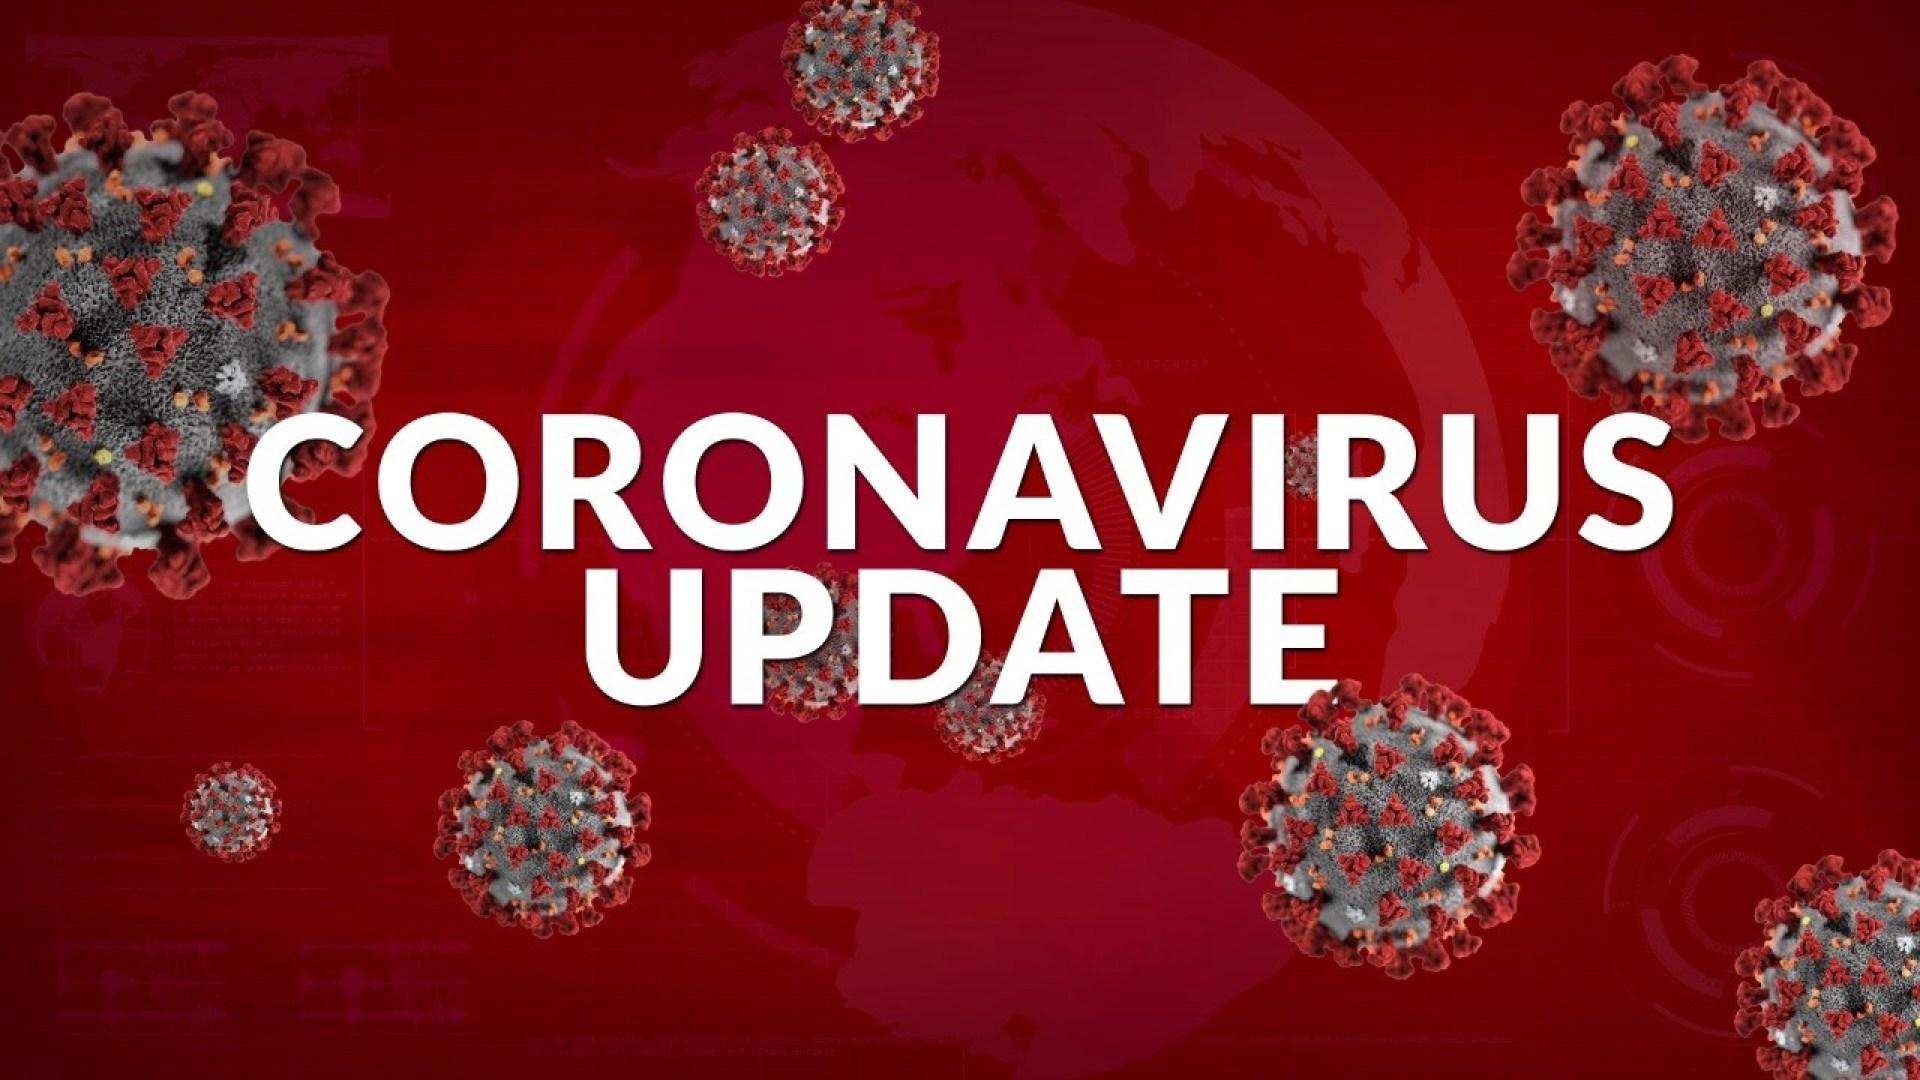 थप ९ जना कोरोना संक्रमण, सक्रमितको संख्या २५८ पुग्यो